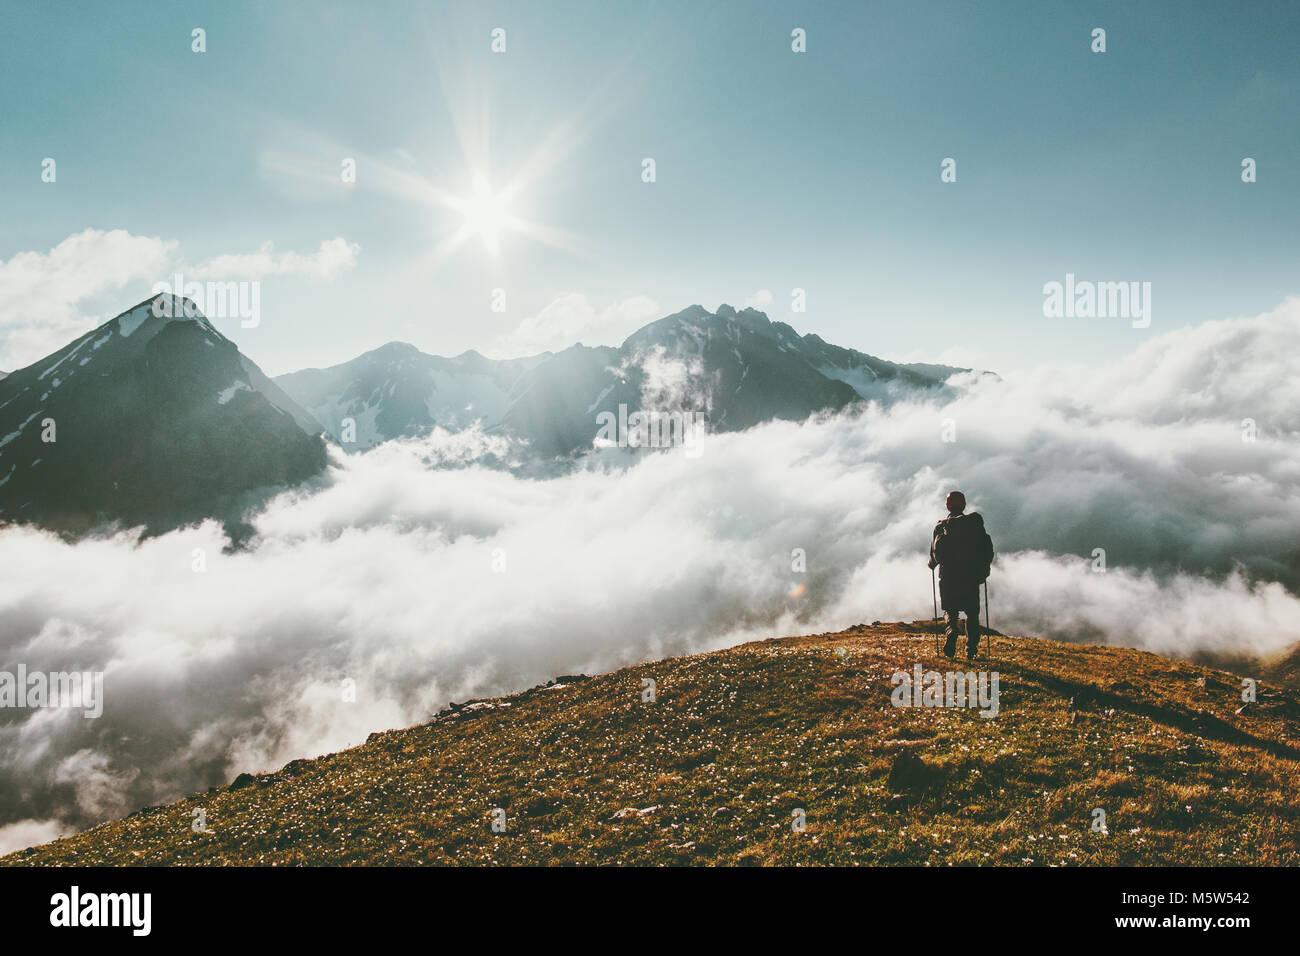 Randonnées en montagne nuages voyageur voyage paysage concept vacances d'aventure style outdoor Photo Stock